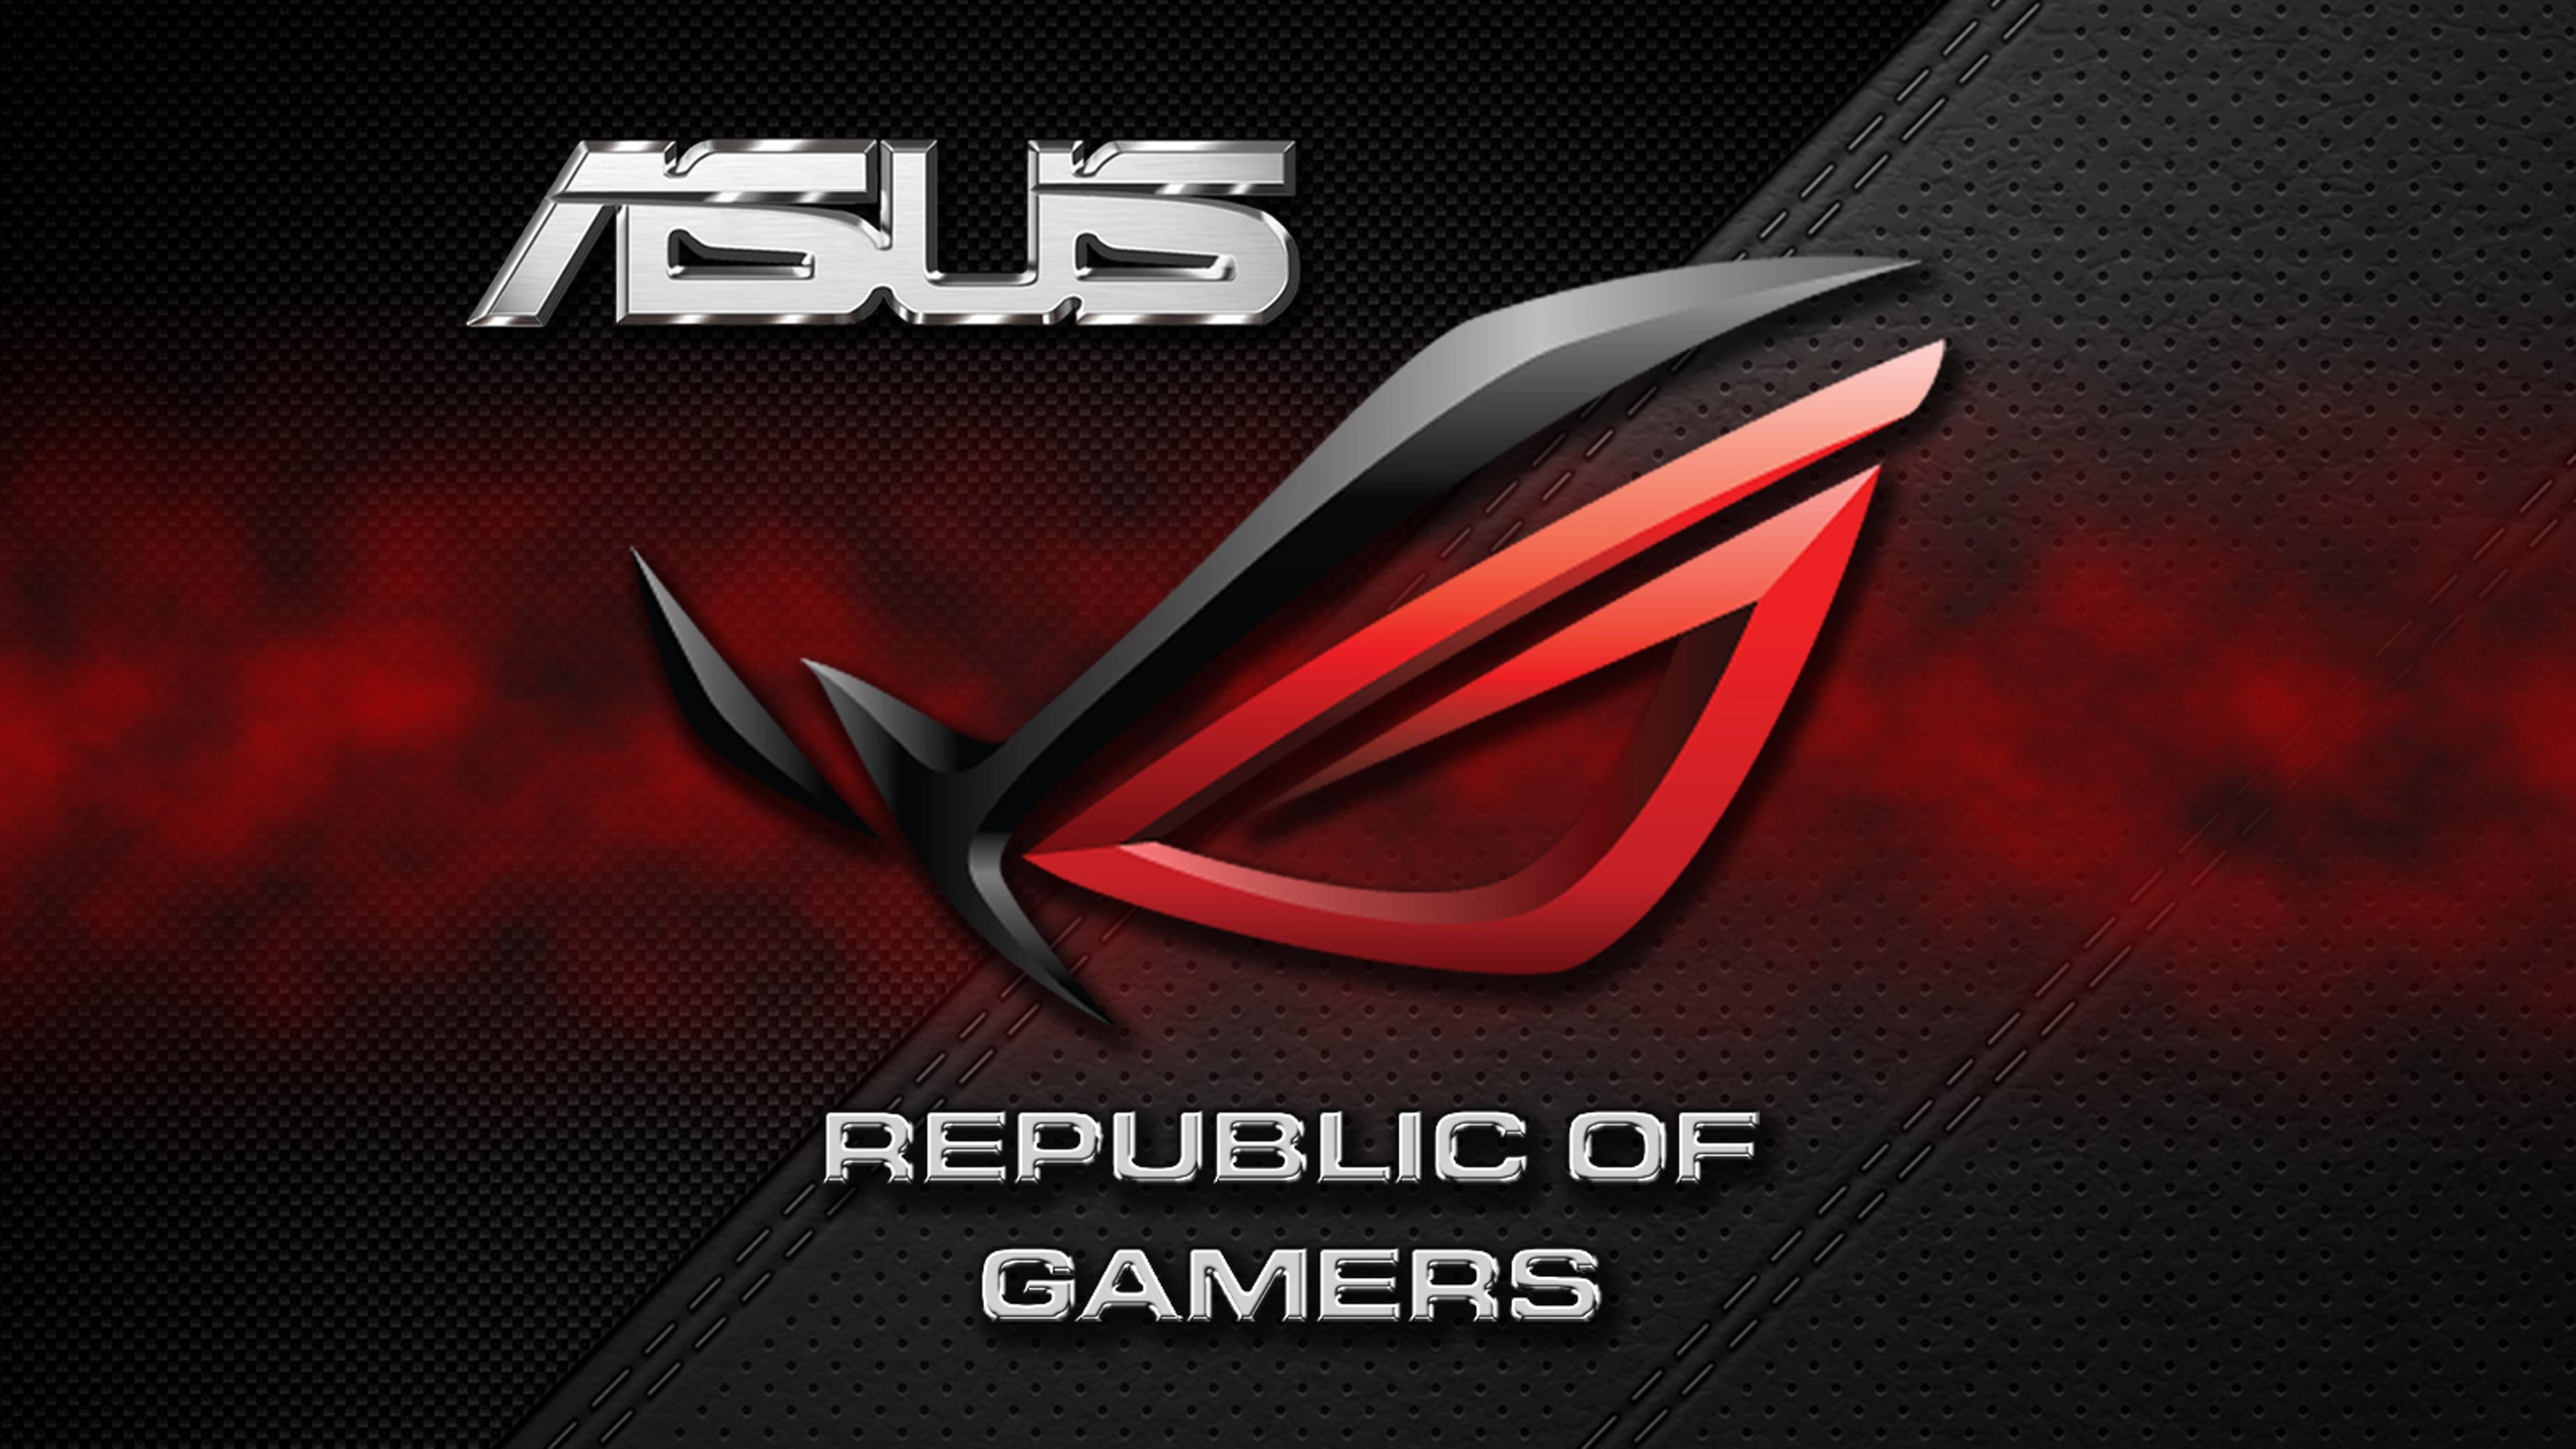 68 Asus Republic Of Gamers Wallpaper On Wallpapersafari